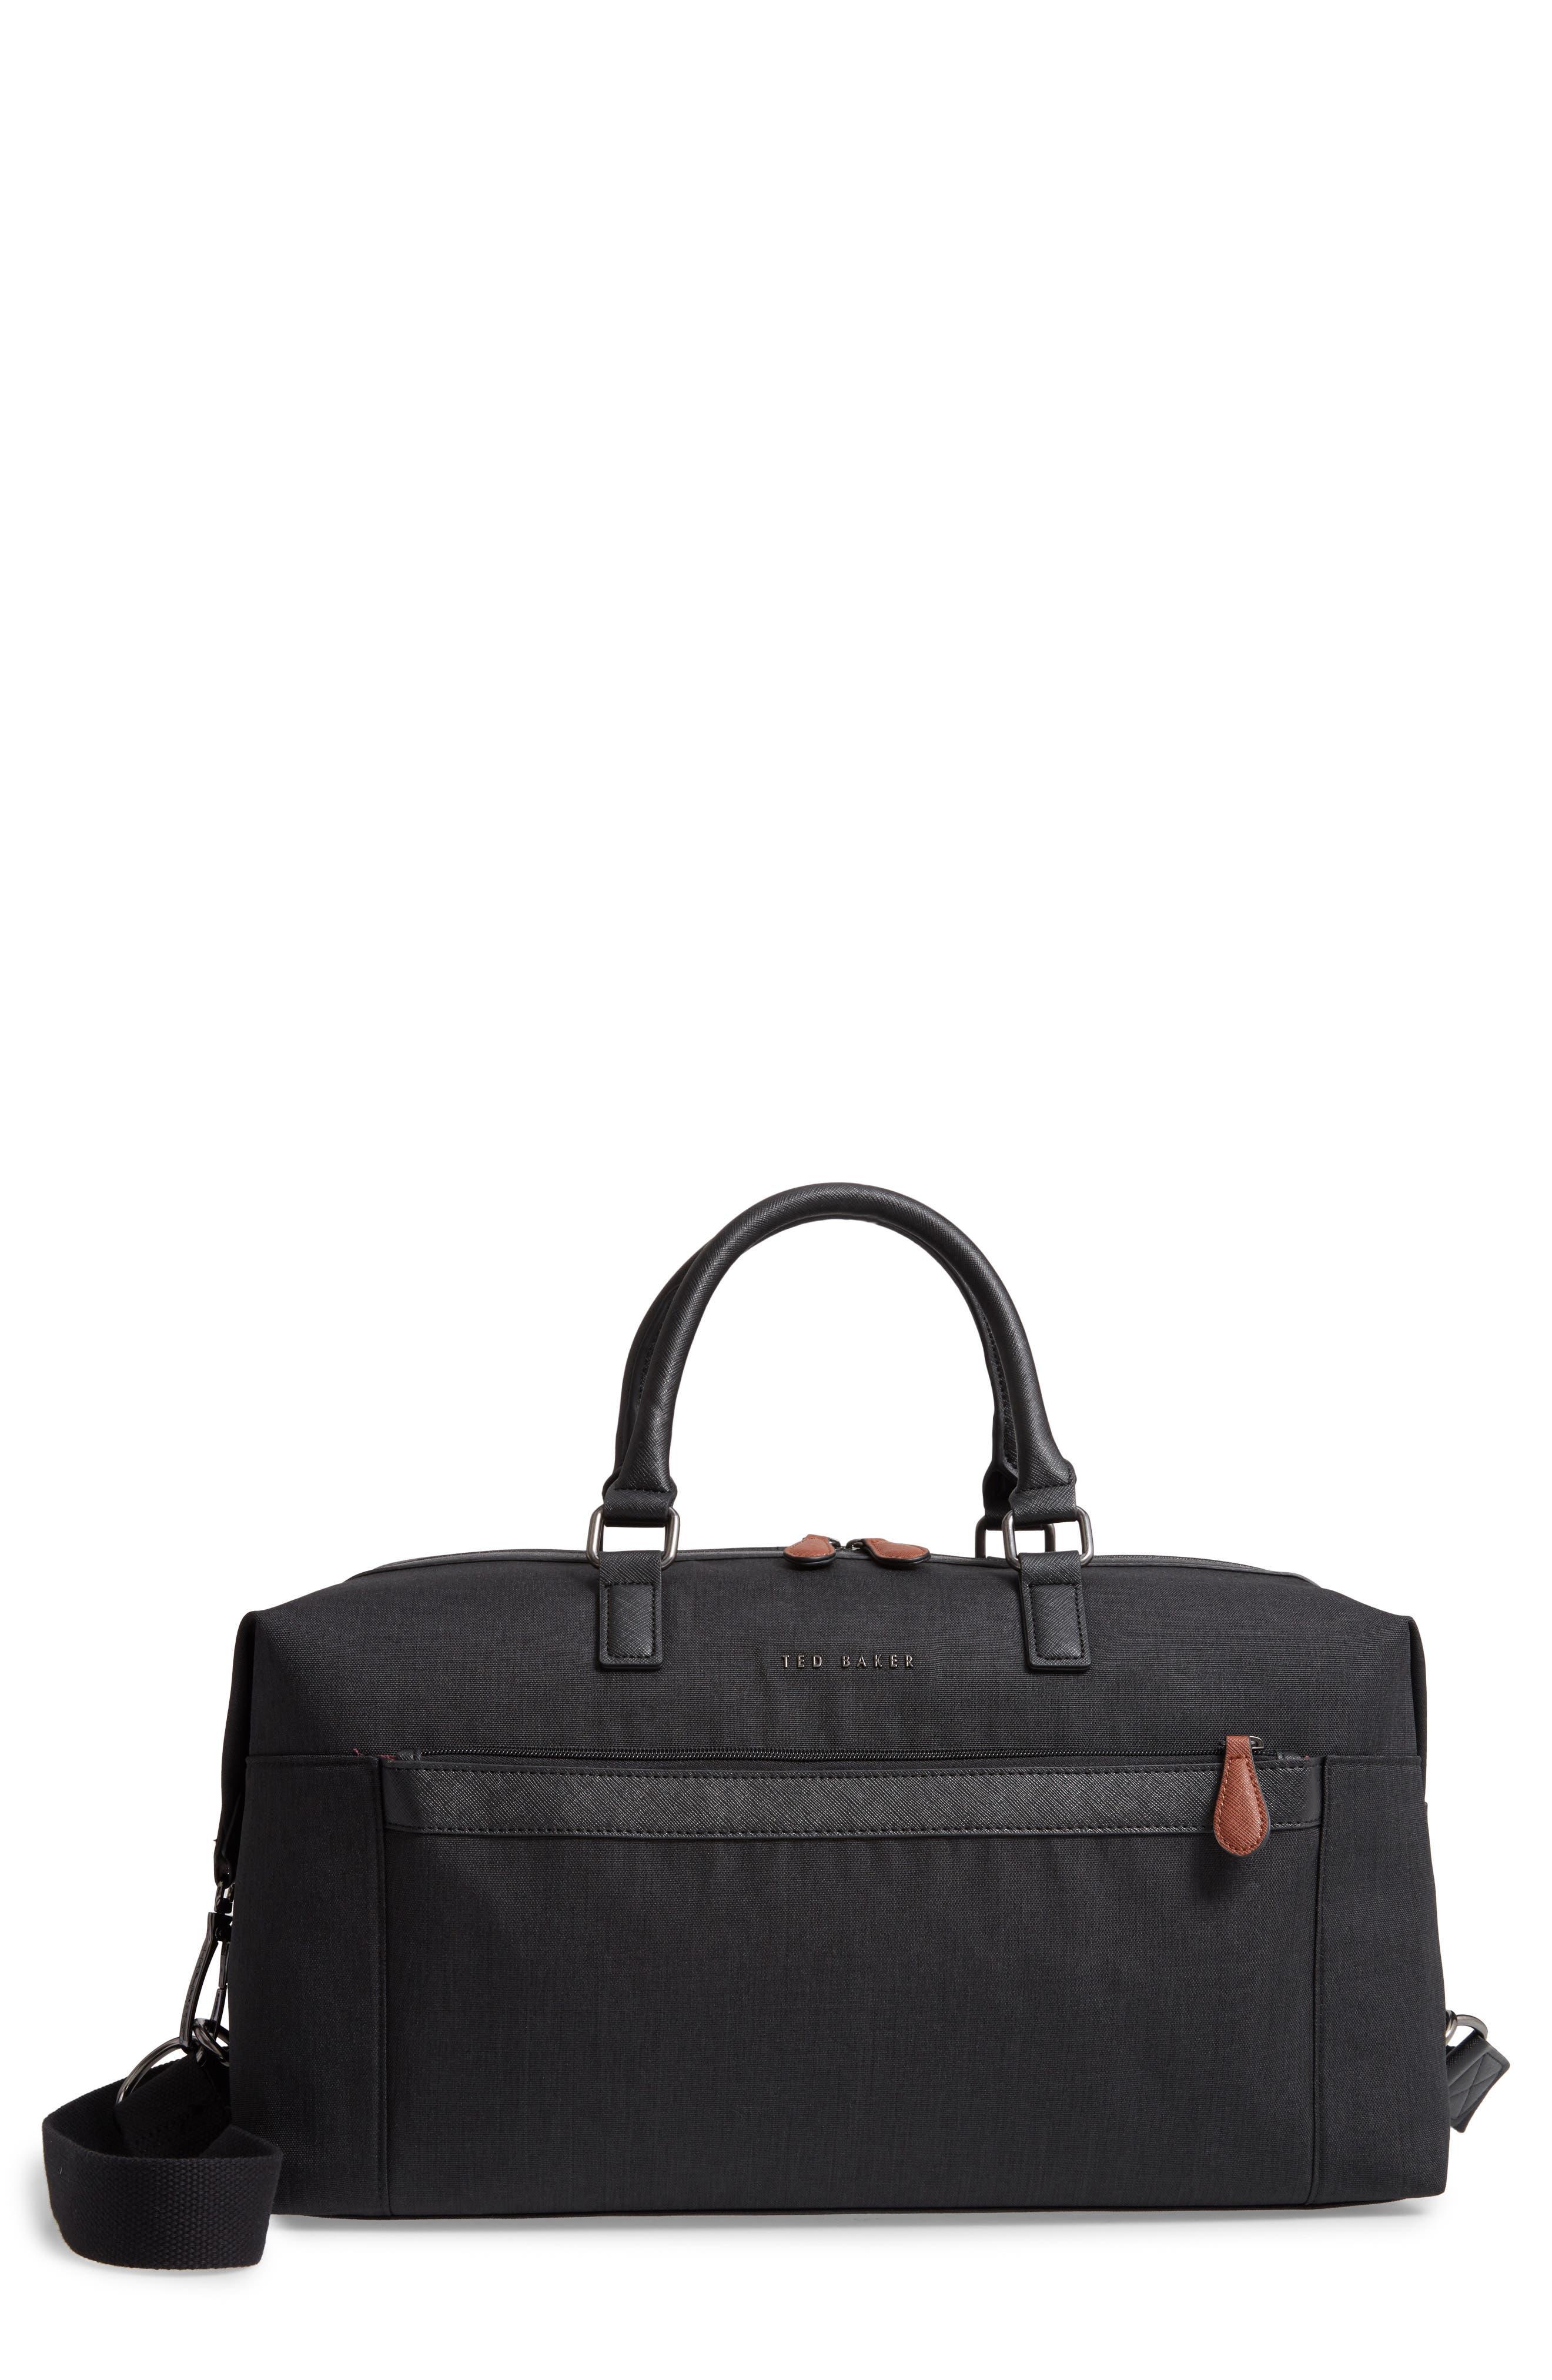 TED BAKER LONDON Dennie Holdall Bag, Main, color, BLACK